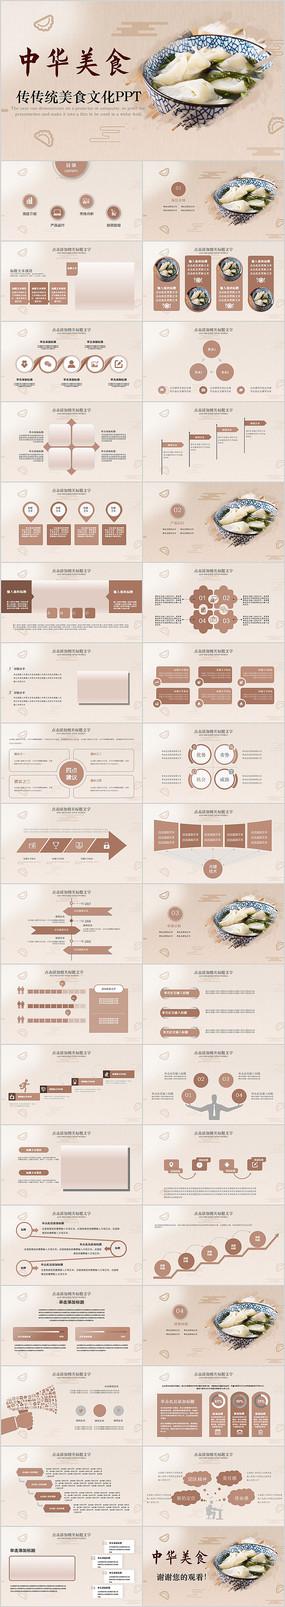 中华美食介绍舌尖上的美食餐饮PPT